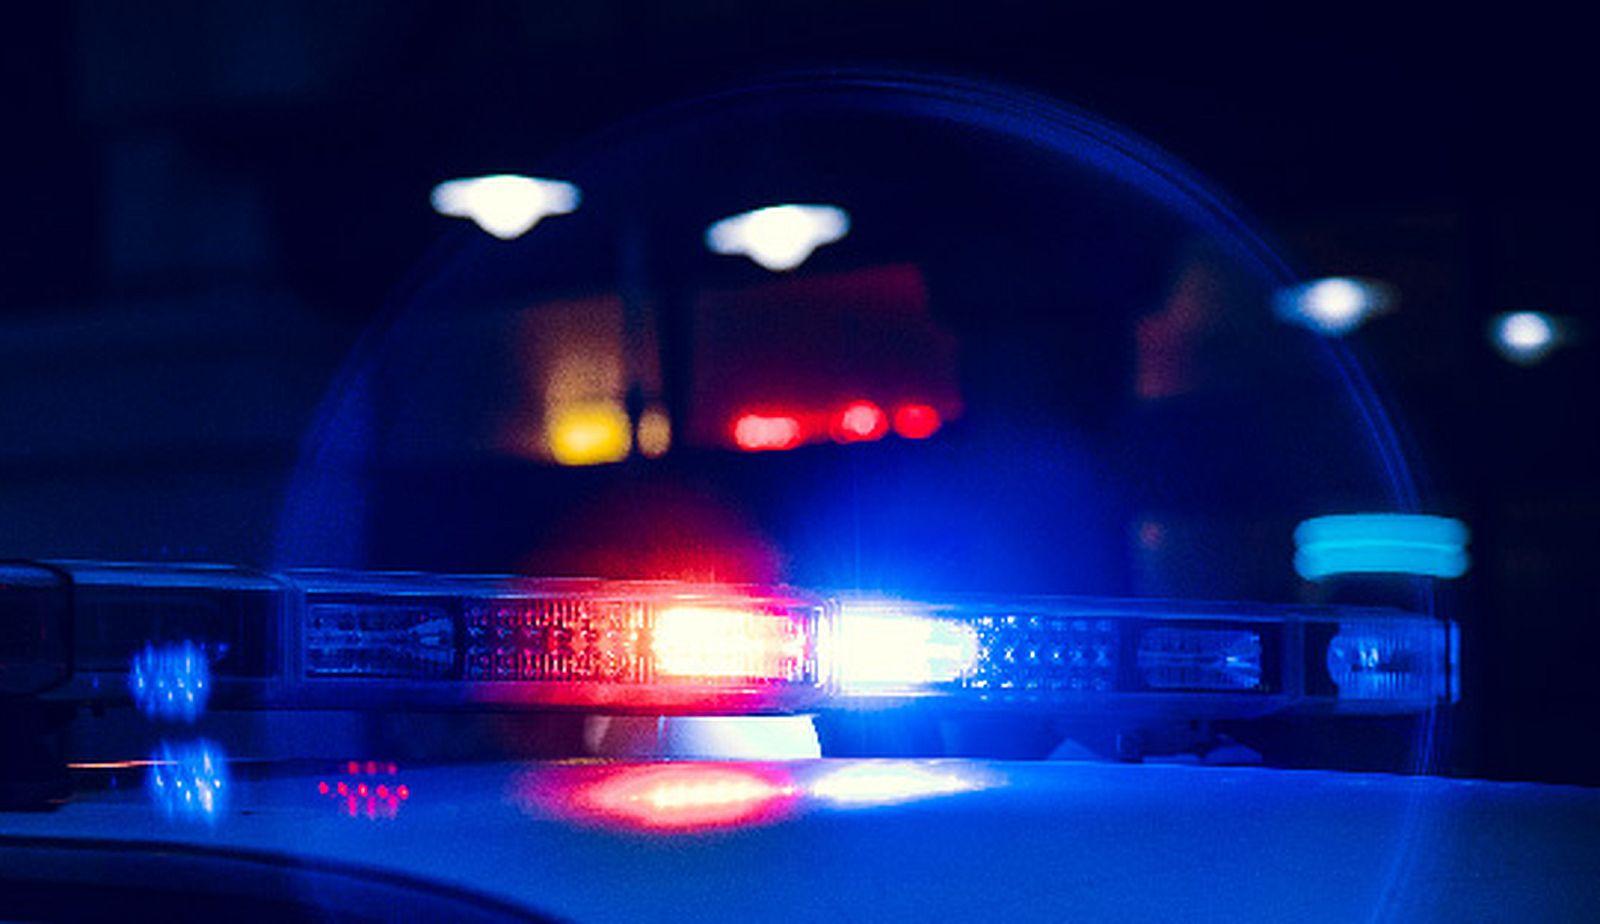 Policjanci zatrzymali 24-latka do kontroli drogowej. Teraz grozi mu do 3 lat pozbawienia wolności - Zdjęcie główne